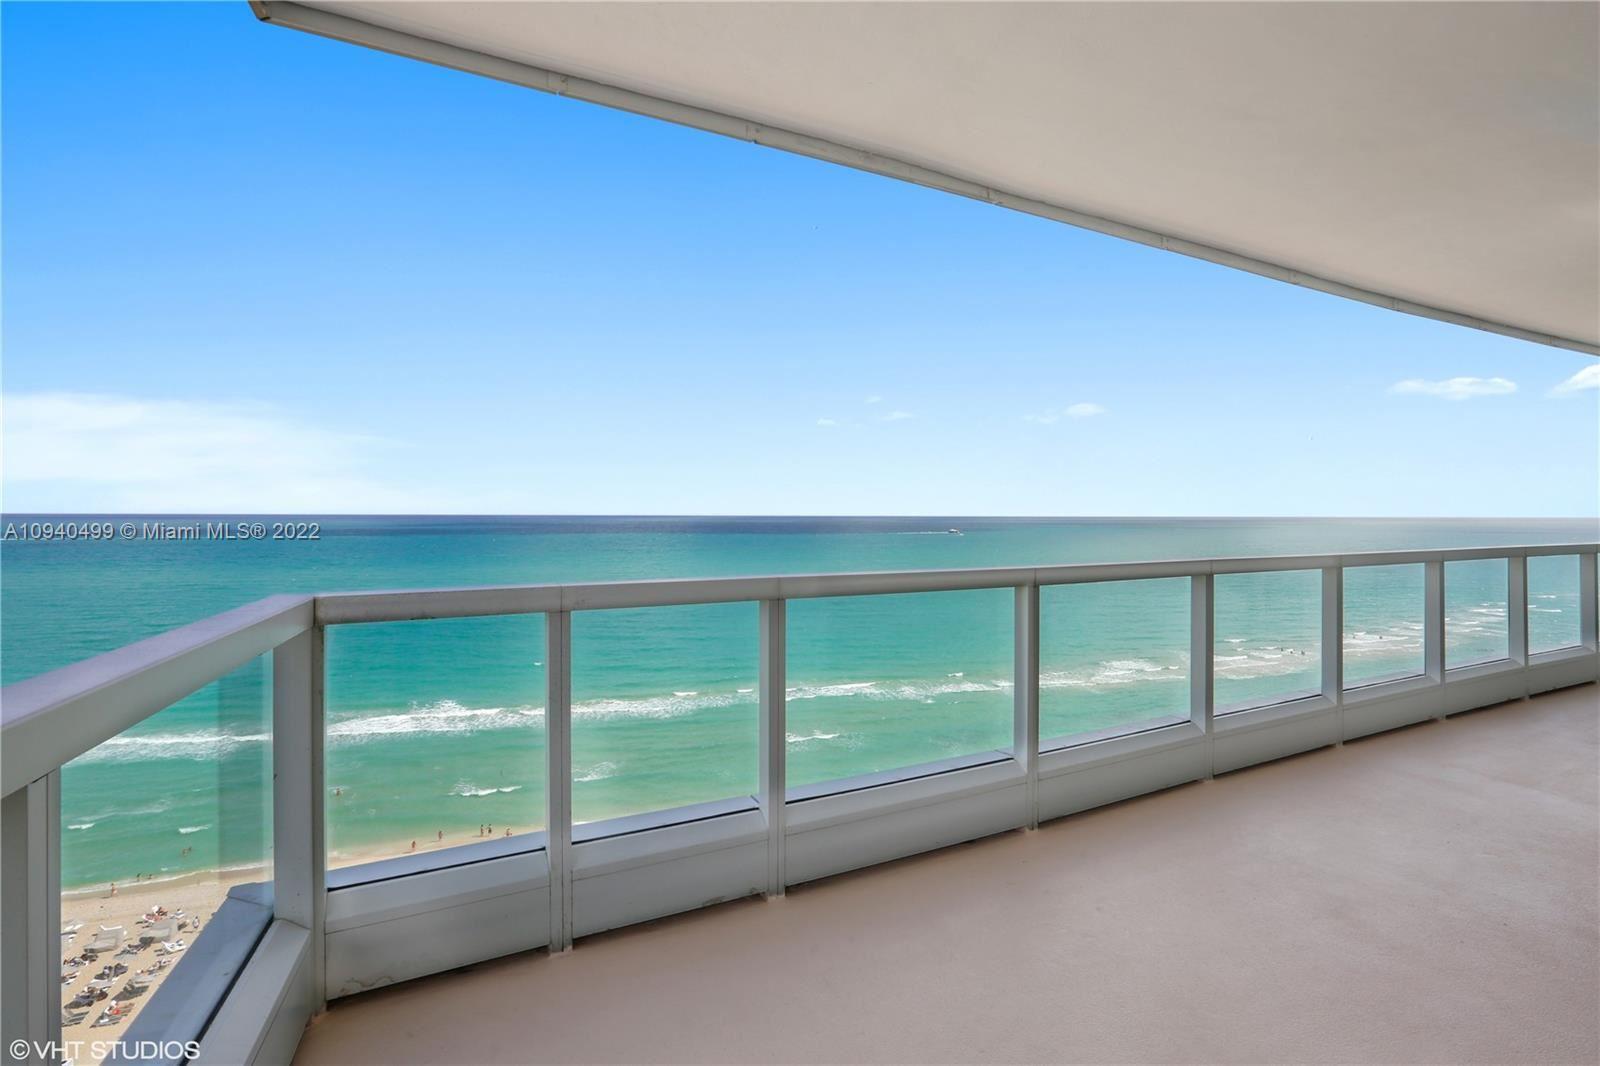 4391 COLLINS AVE #1509, Miami Beach, FL 33140 - #: A10940499